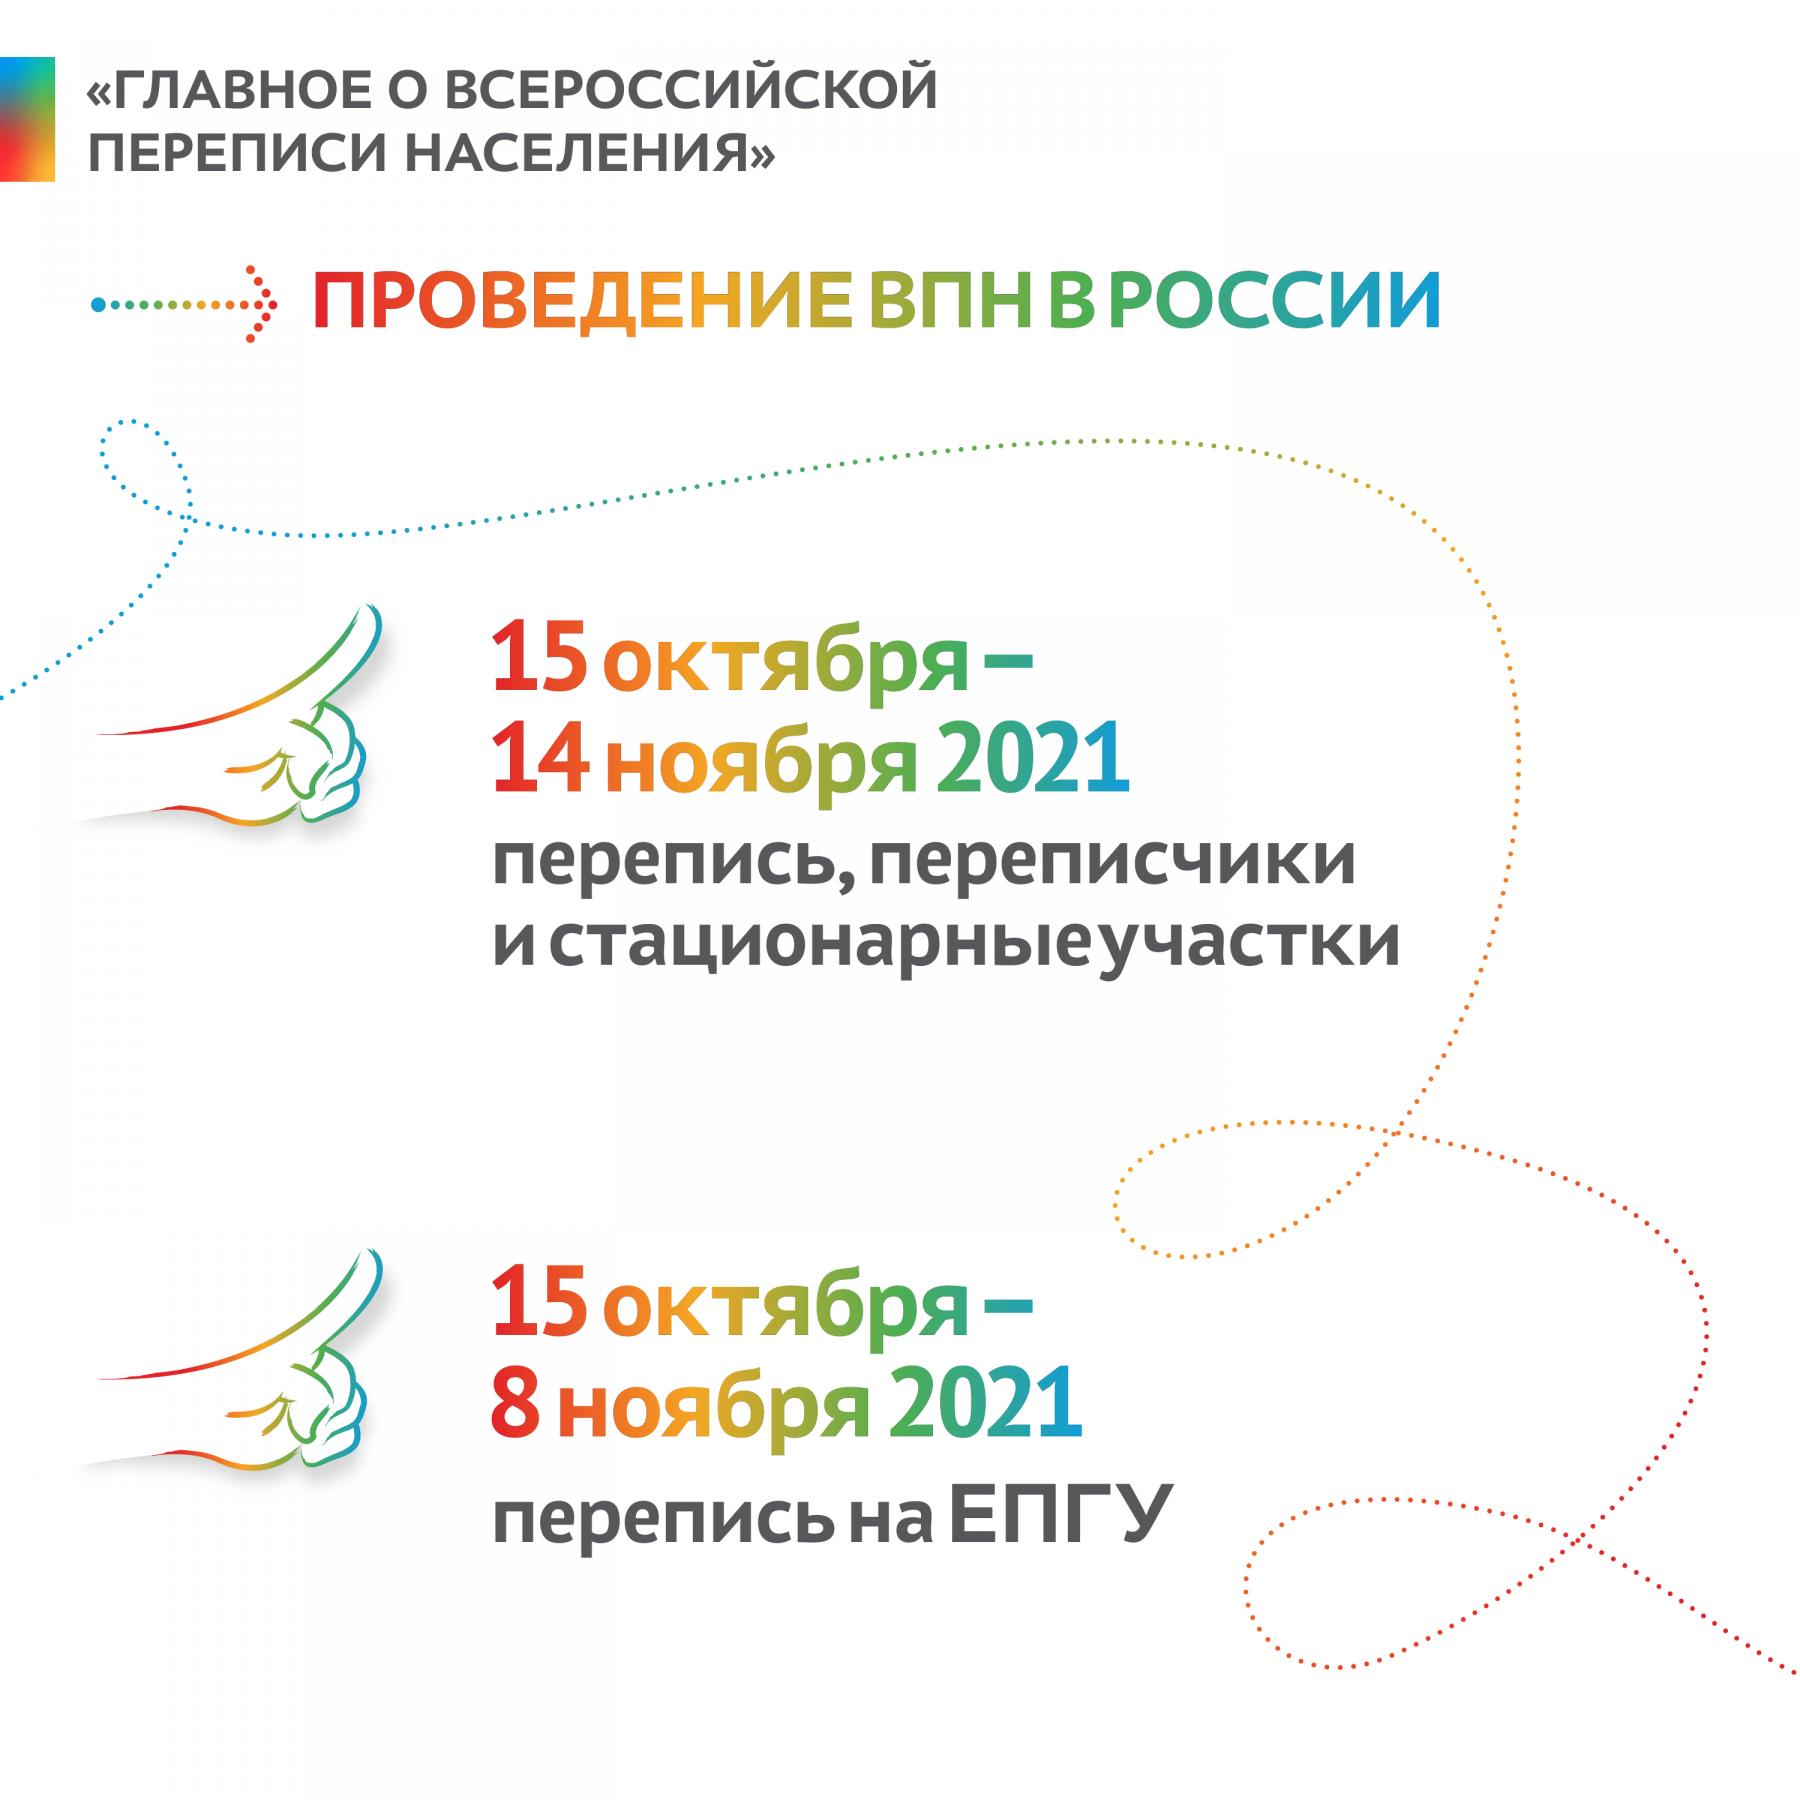 Фото Всероссийская перепись населения: когда начинается, можно ли не пускать переписчиков в квартиру 2